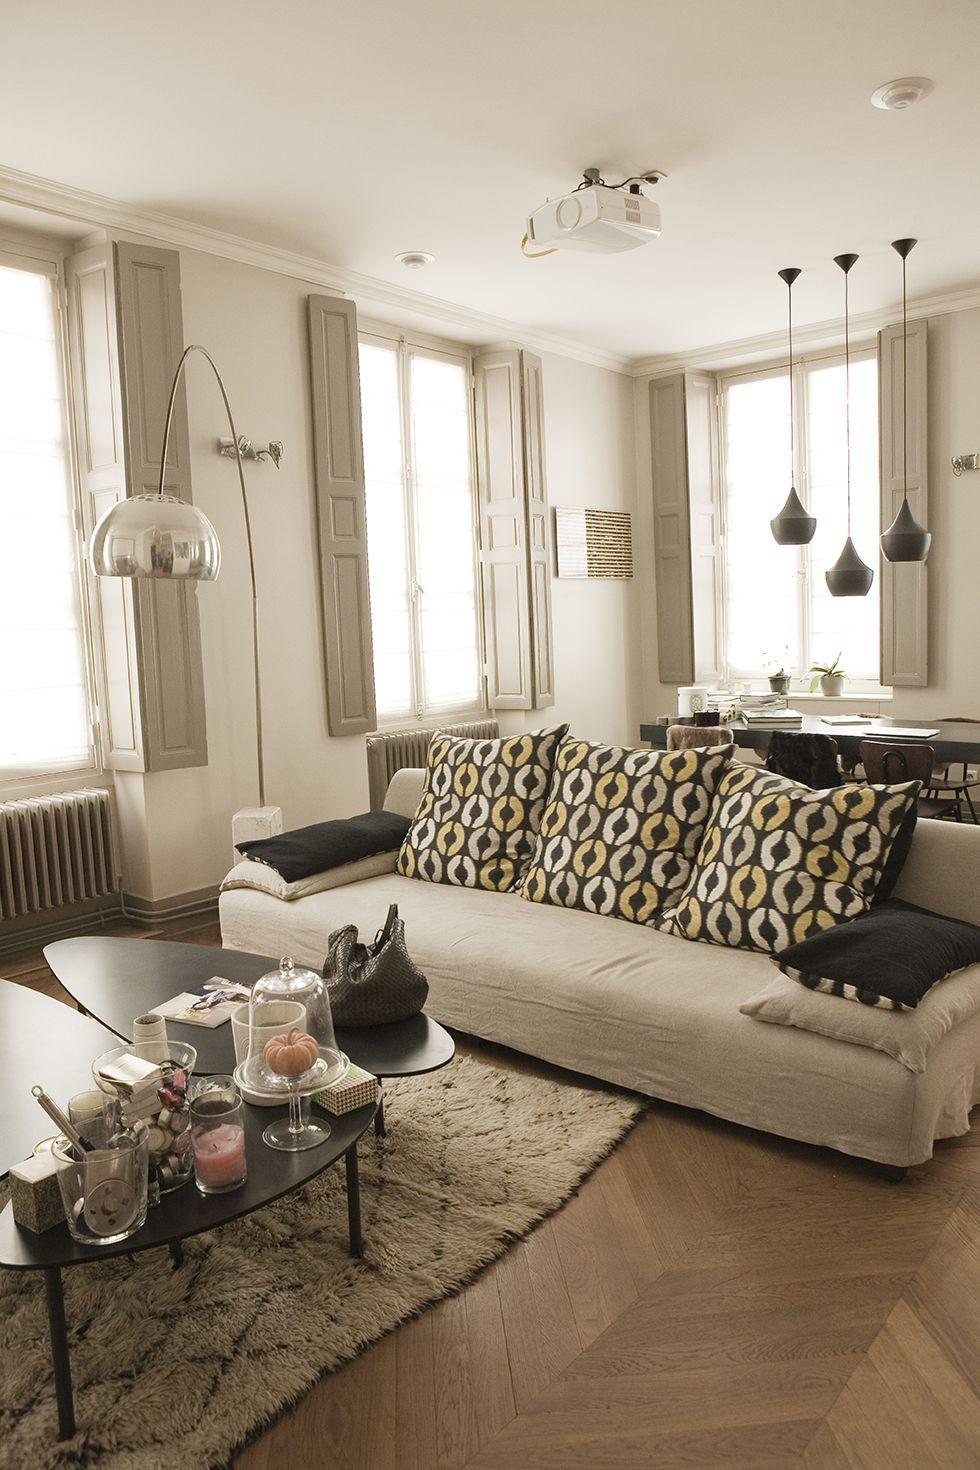 Sof y mesa de centro caravana sal n decorar mi piso for Decorar mi piso